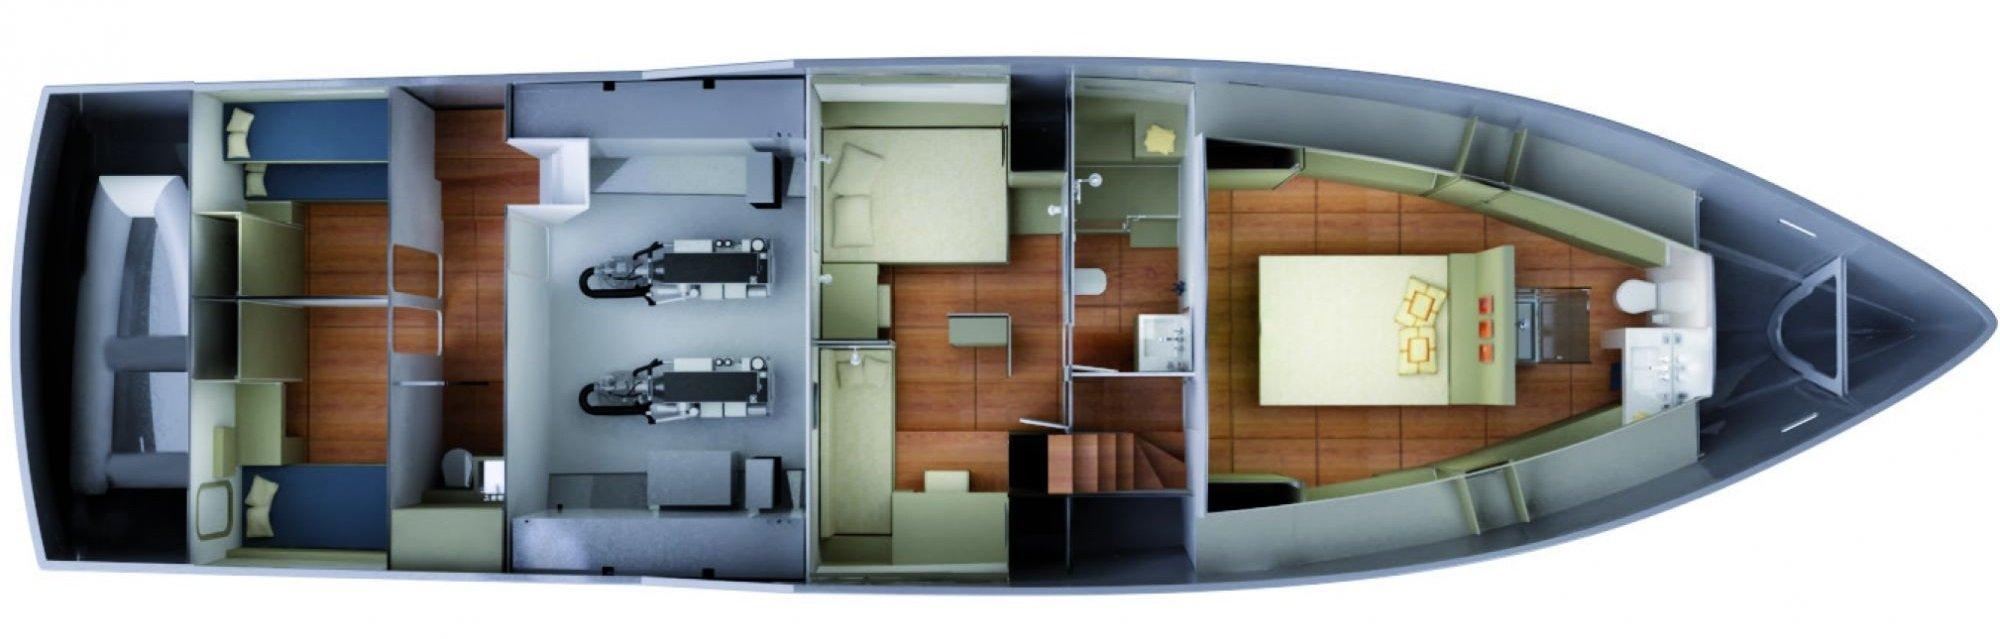 Vismara MY68 Navetta Interior Layouts